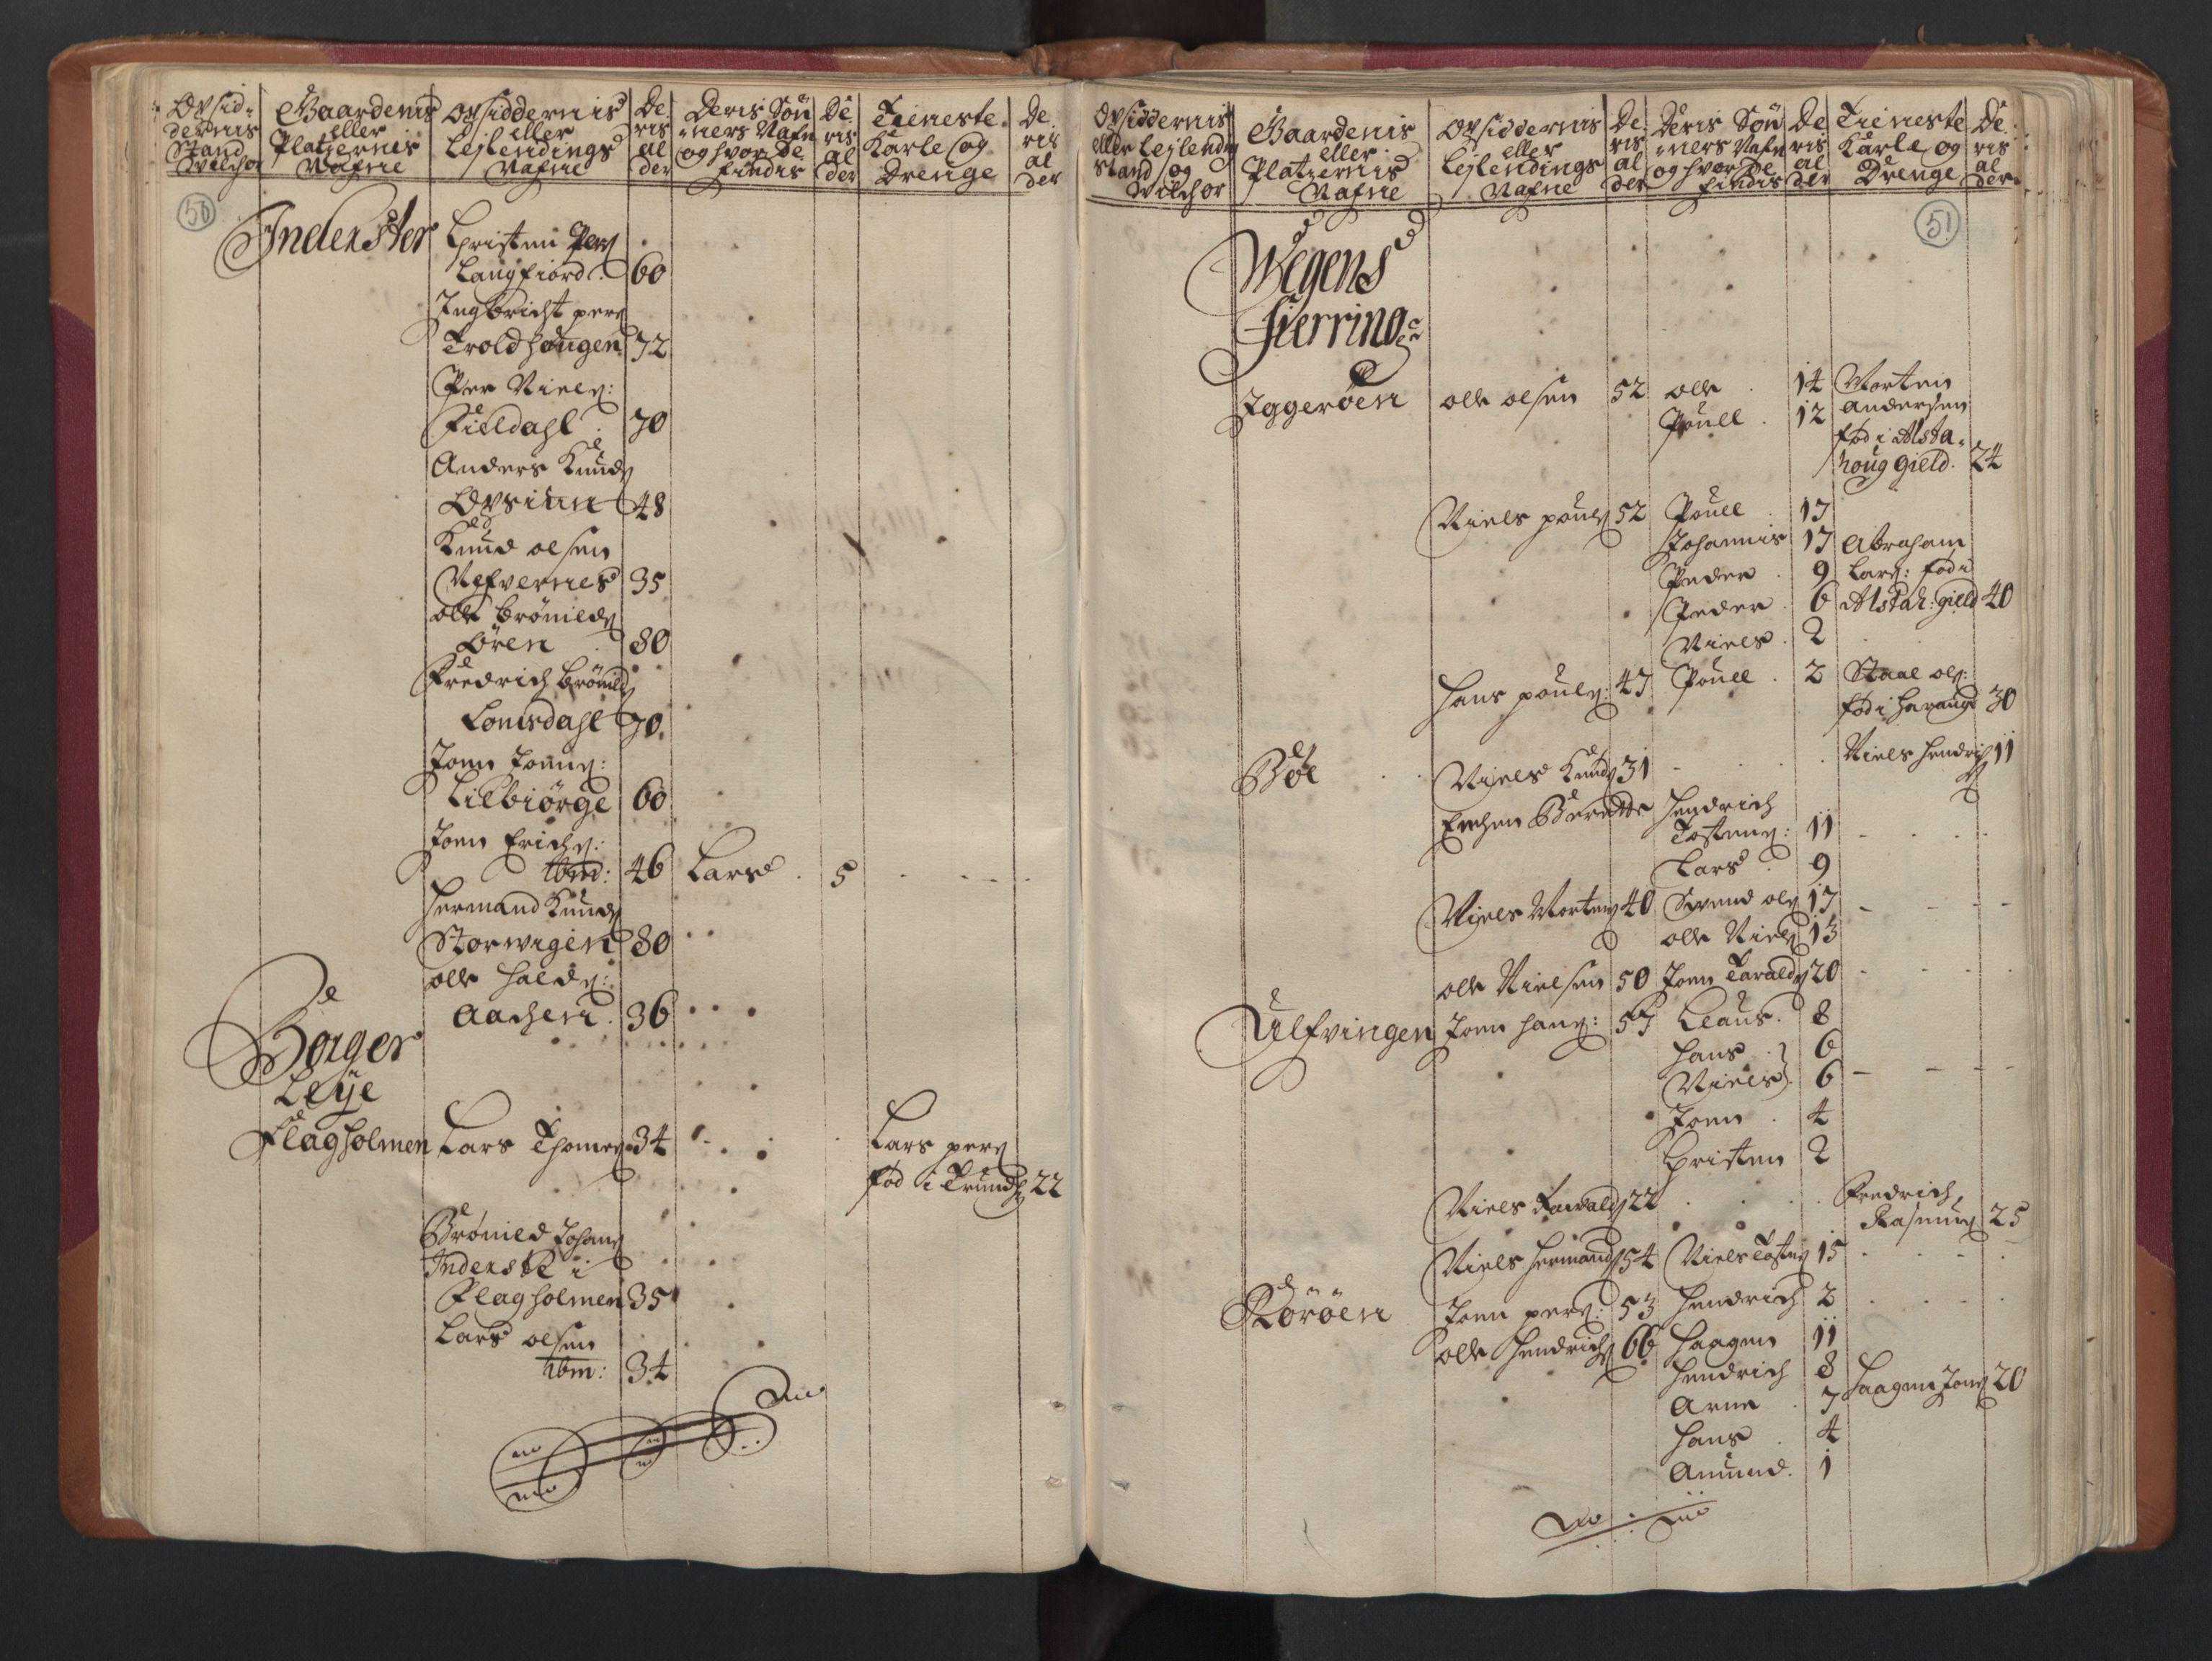 RA, Manntallet 1701, nr. 16: Helgeland fogderi, 1701, s. 50-51